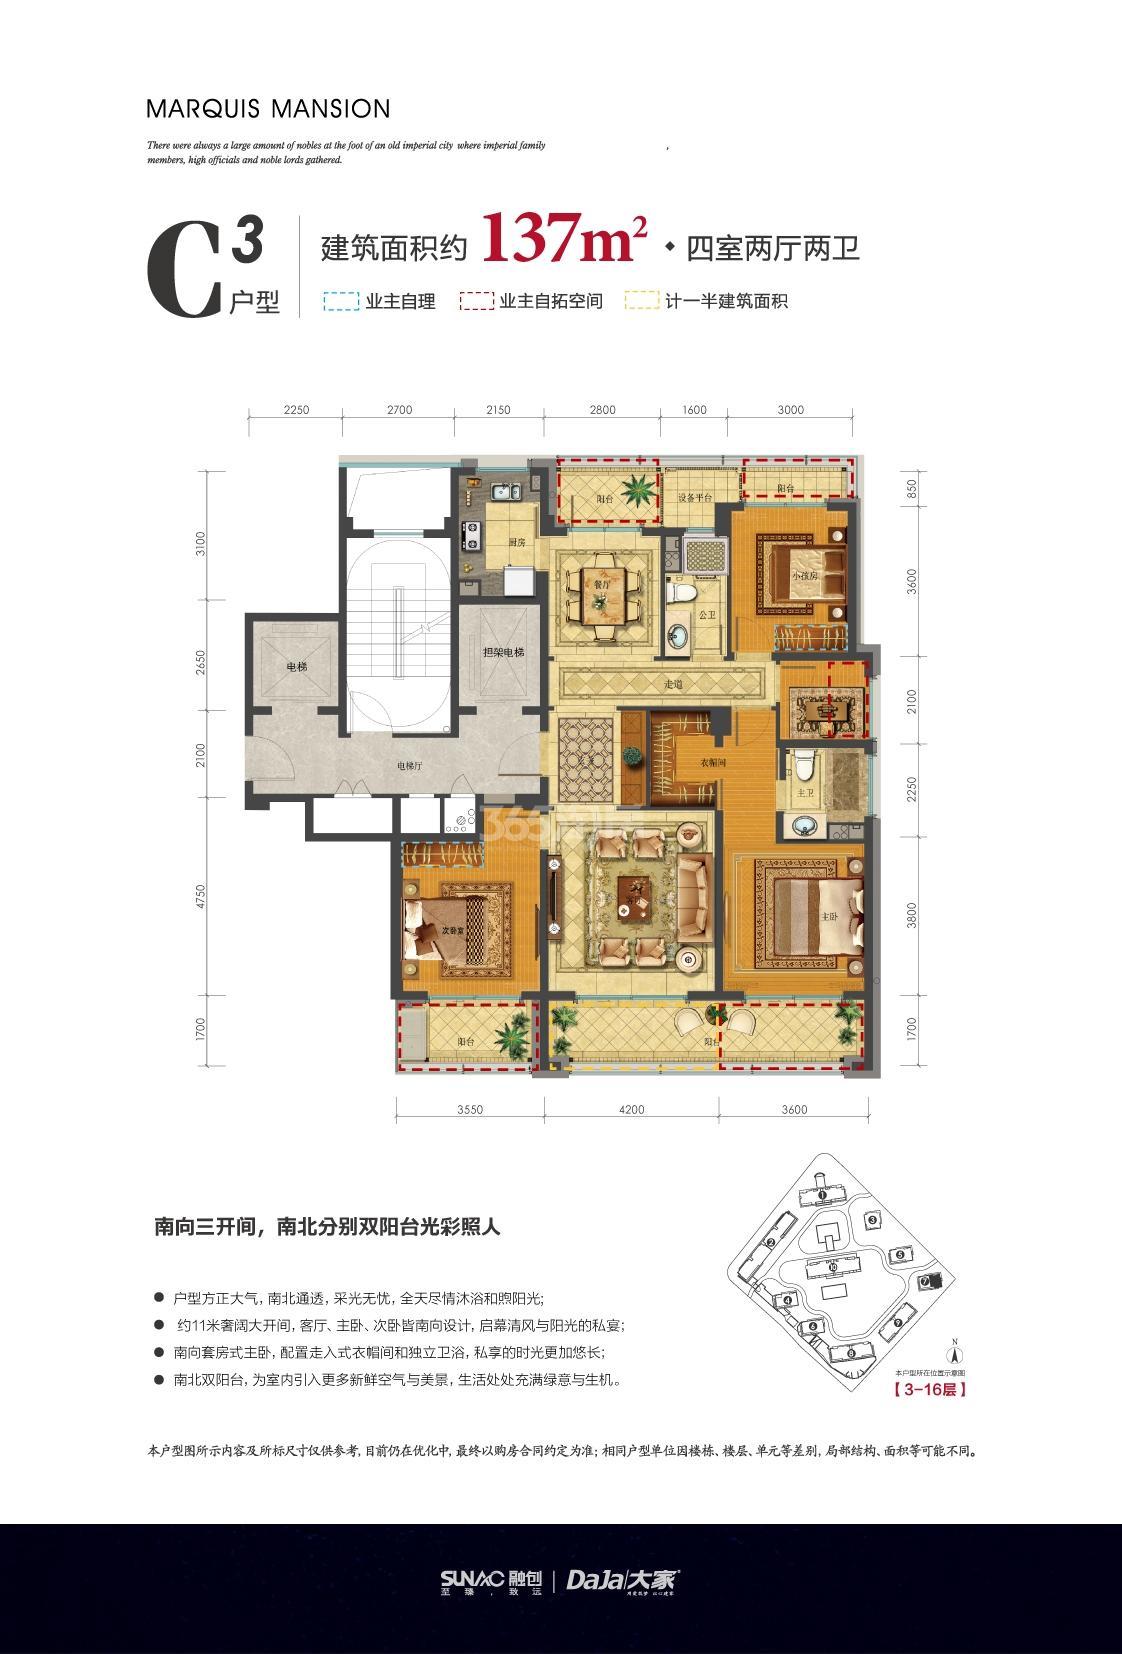 融创大家侯潮府项目7号楼3-16层边套C3户型 137㎡